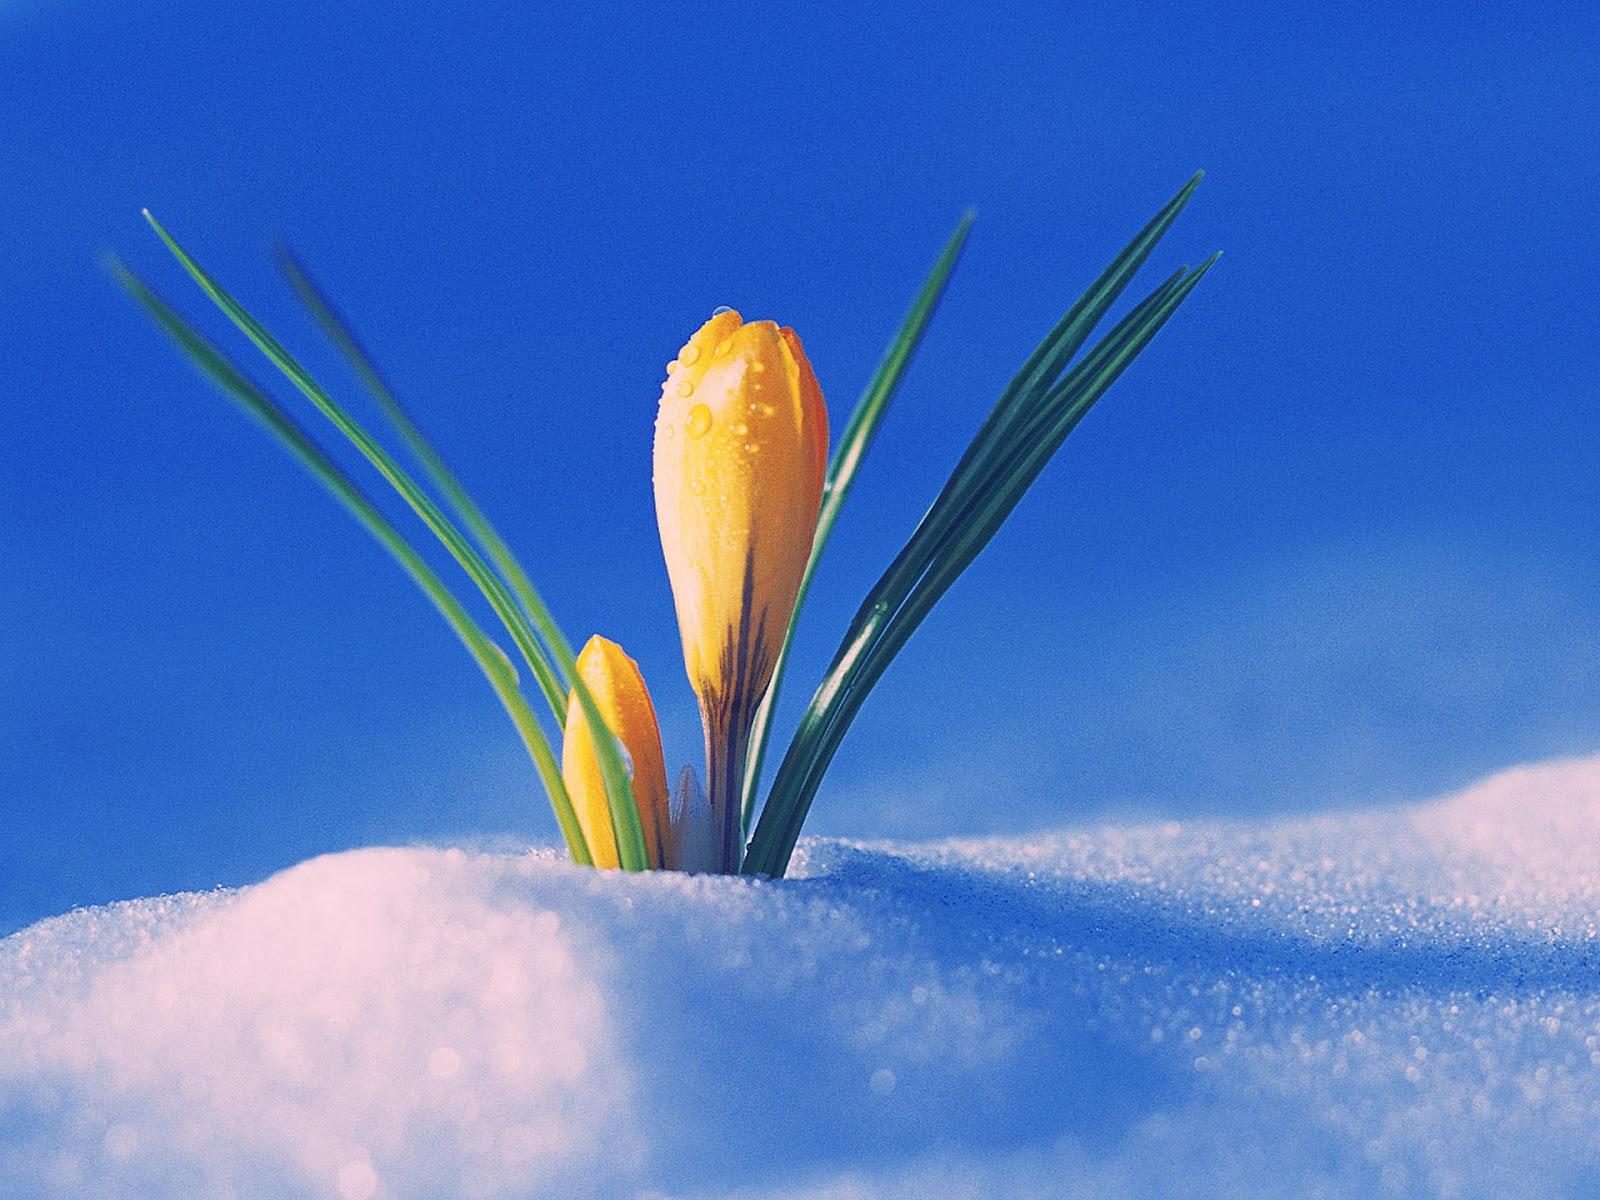 lente achtergronden hd - photo #42